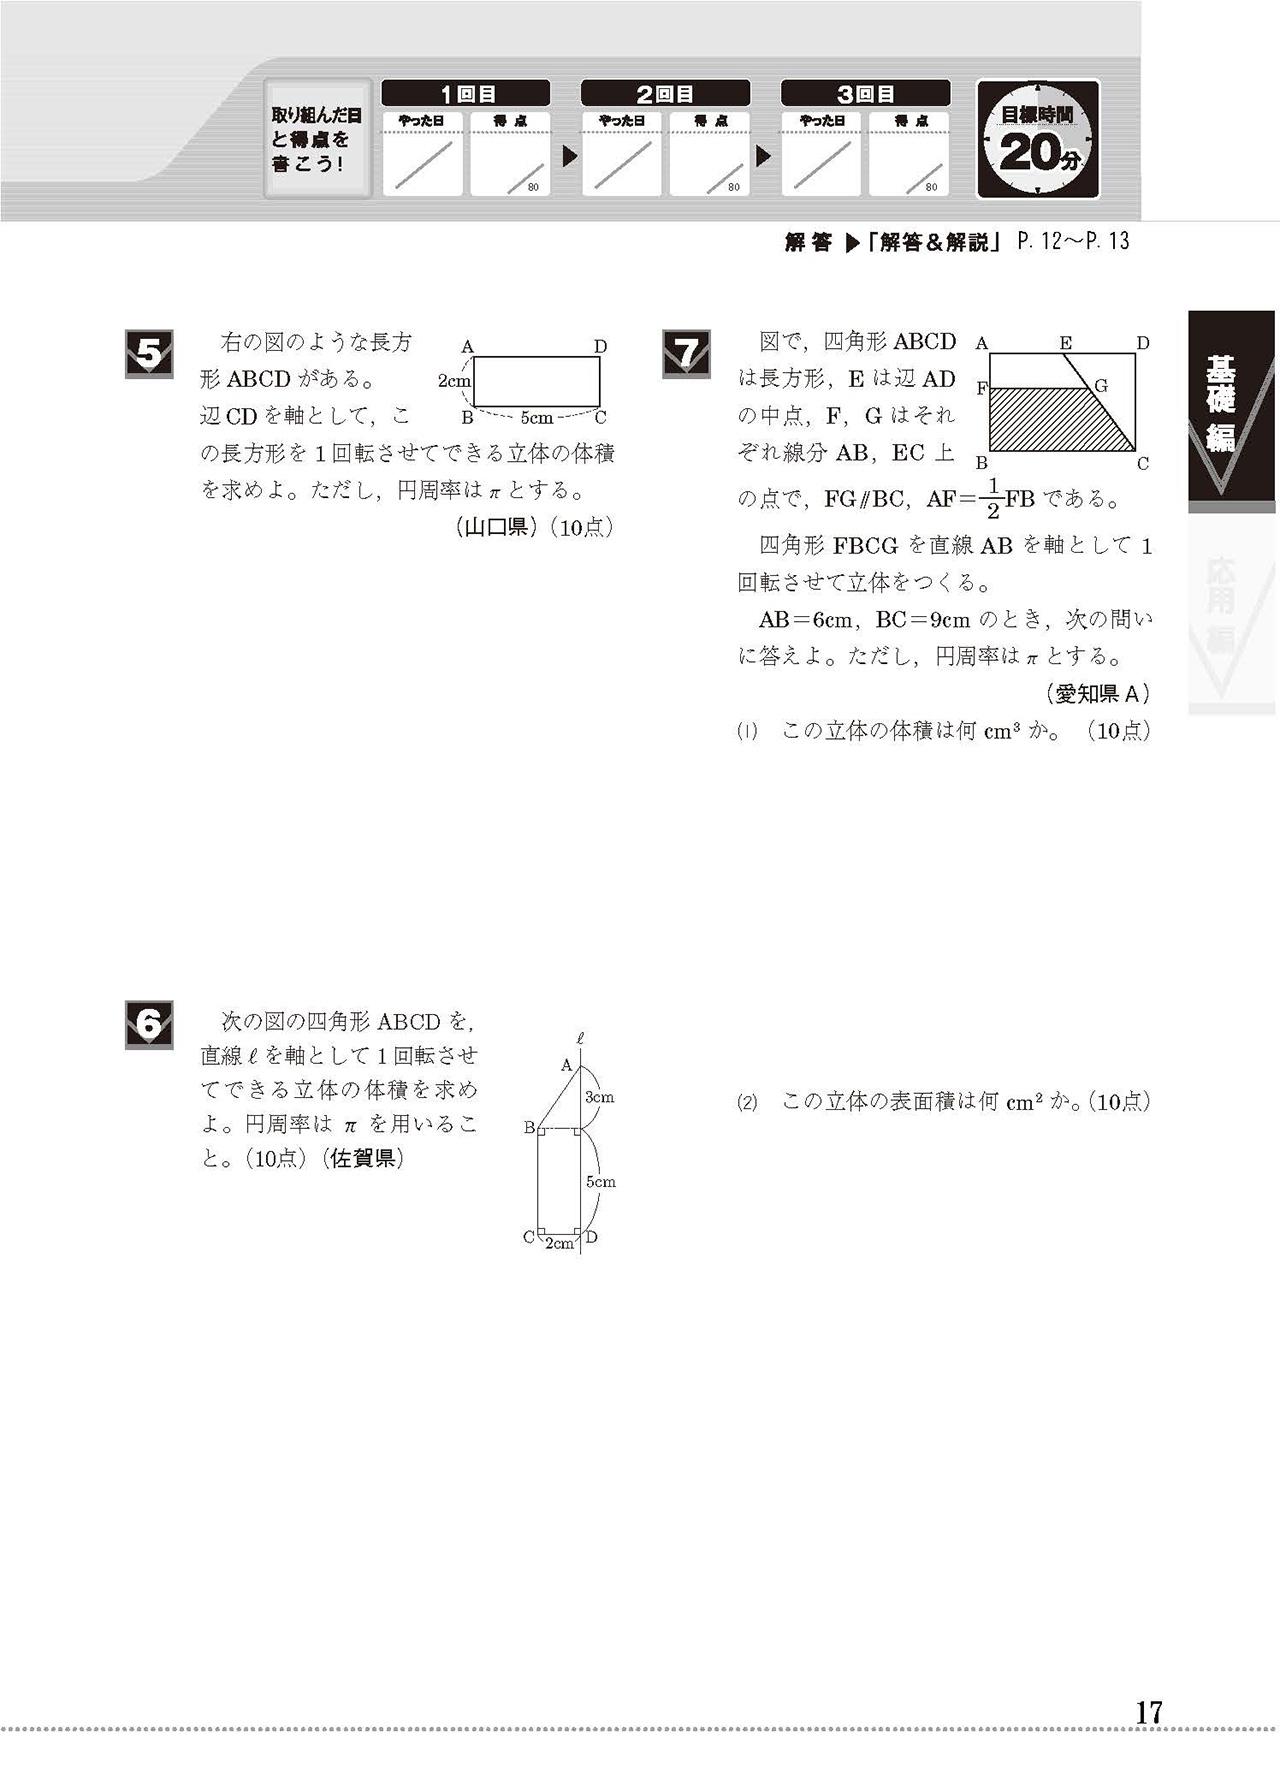 合格への過去問セレクト5 収録内容|進研ゼミ中学 ... : 英語 文型 問題 : 英語